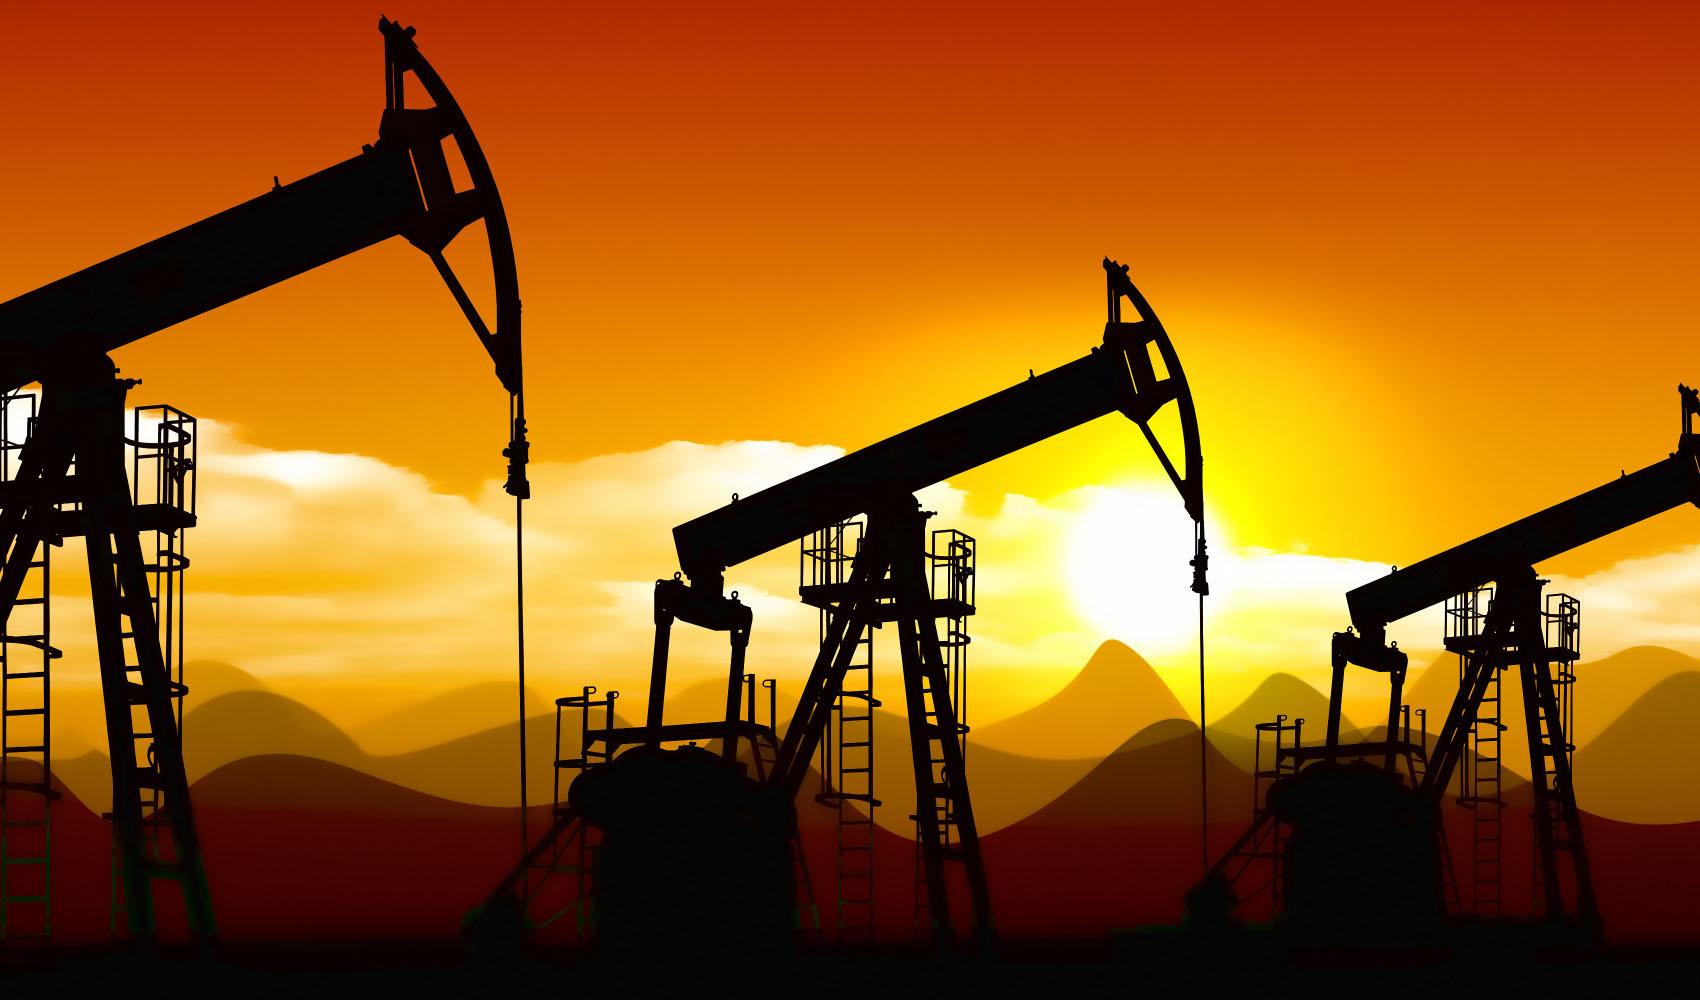 قیمت نفت با تقویت تقاضا و افت ذخایر آمریکا رشد کرد